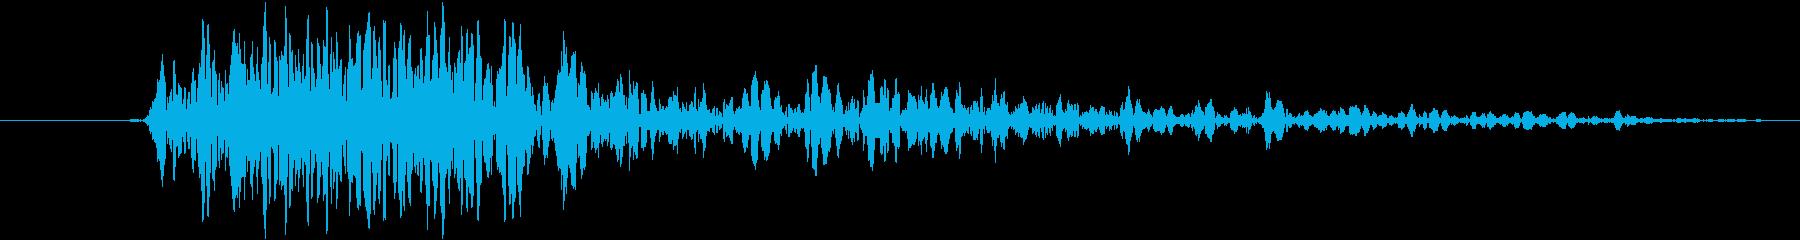 大人の雌ライオン:猛烈なSn音、野...の再生済みの波形